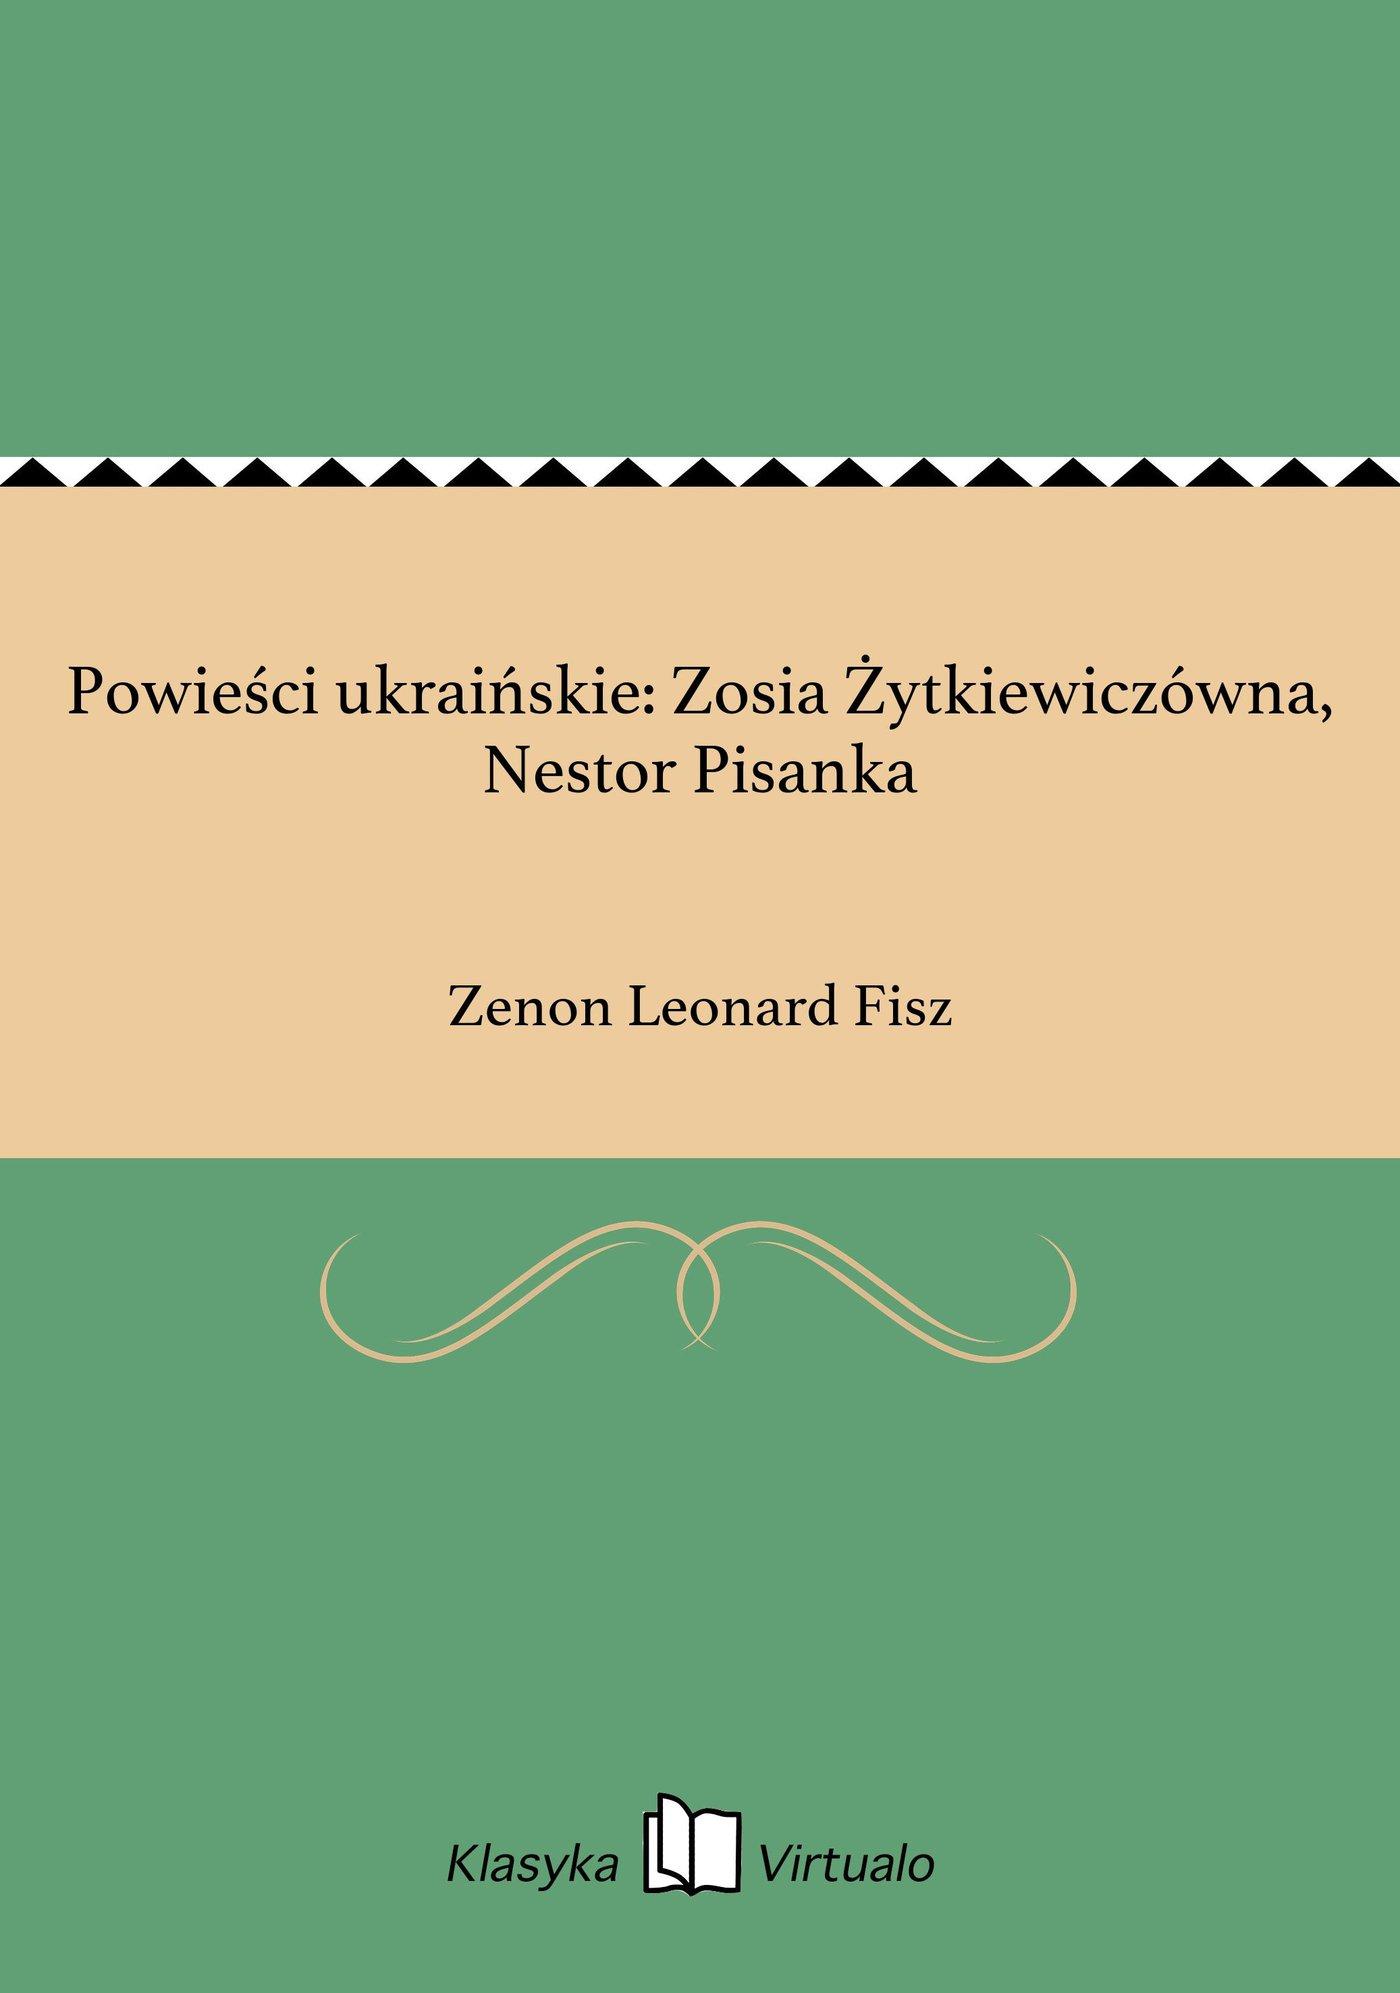 Powieści ukraińskie: Zosia Żytkiewiczówna, Nestor Pisanka - Ebook (Książka EPUB) do pobrania w formacie EPUB